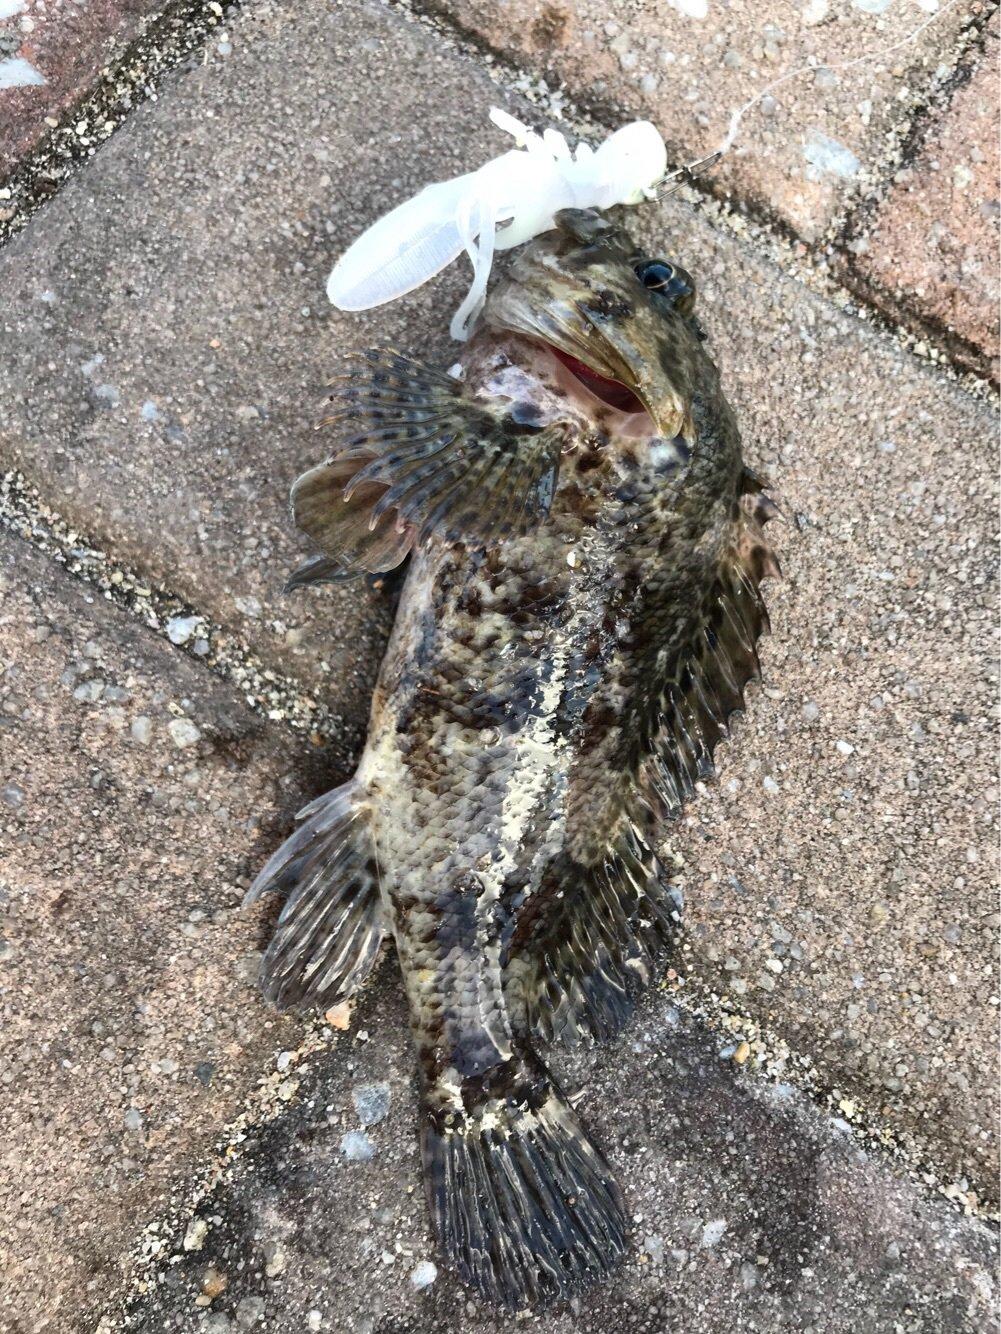 やっさん@釣りっちゃ倶楽部さんの投稿画像,写っている魚はカサゴ